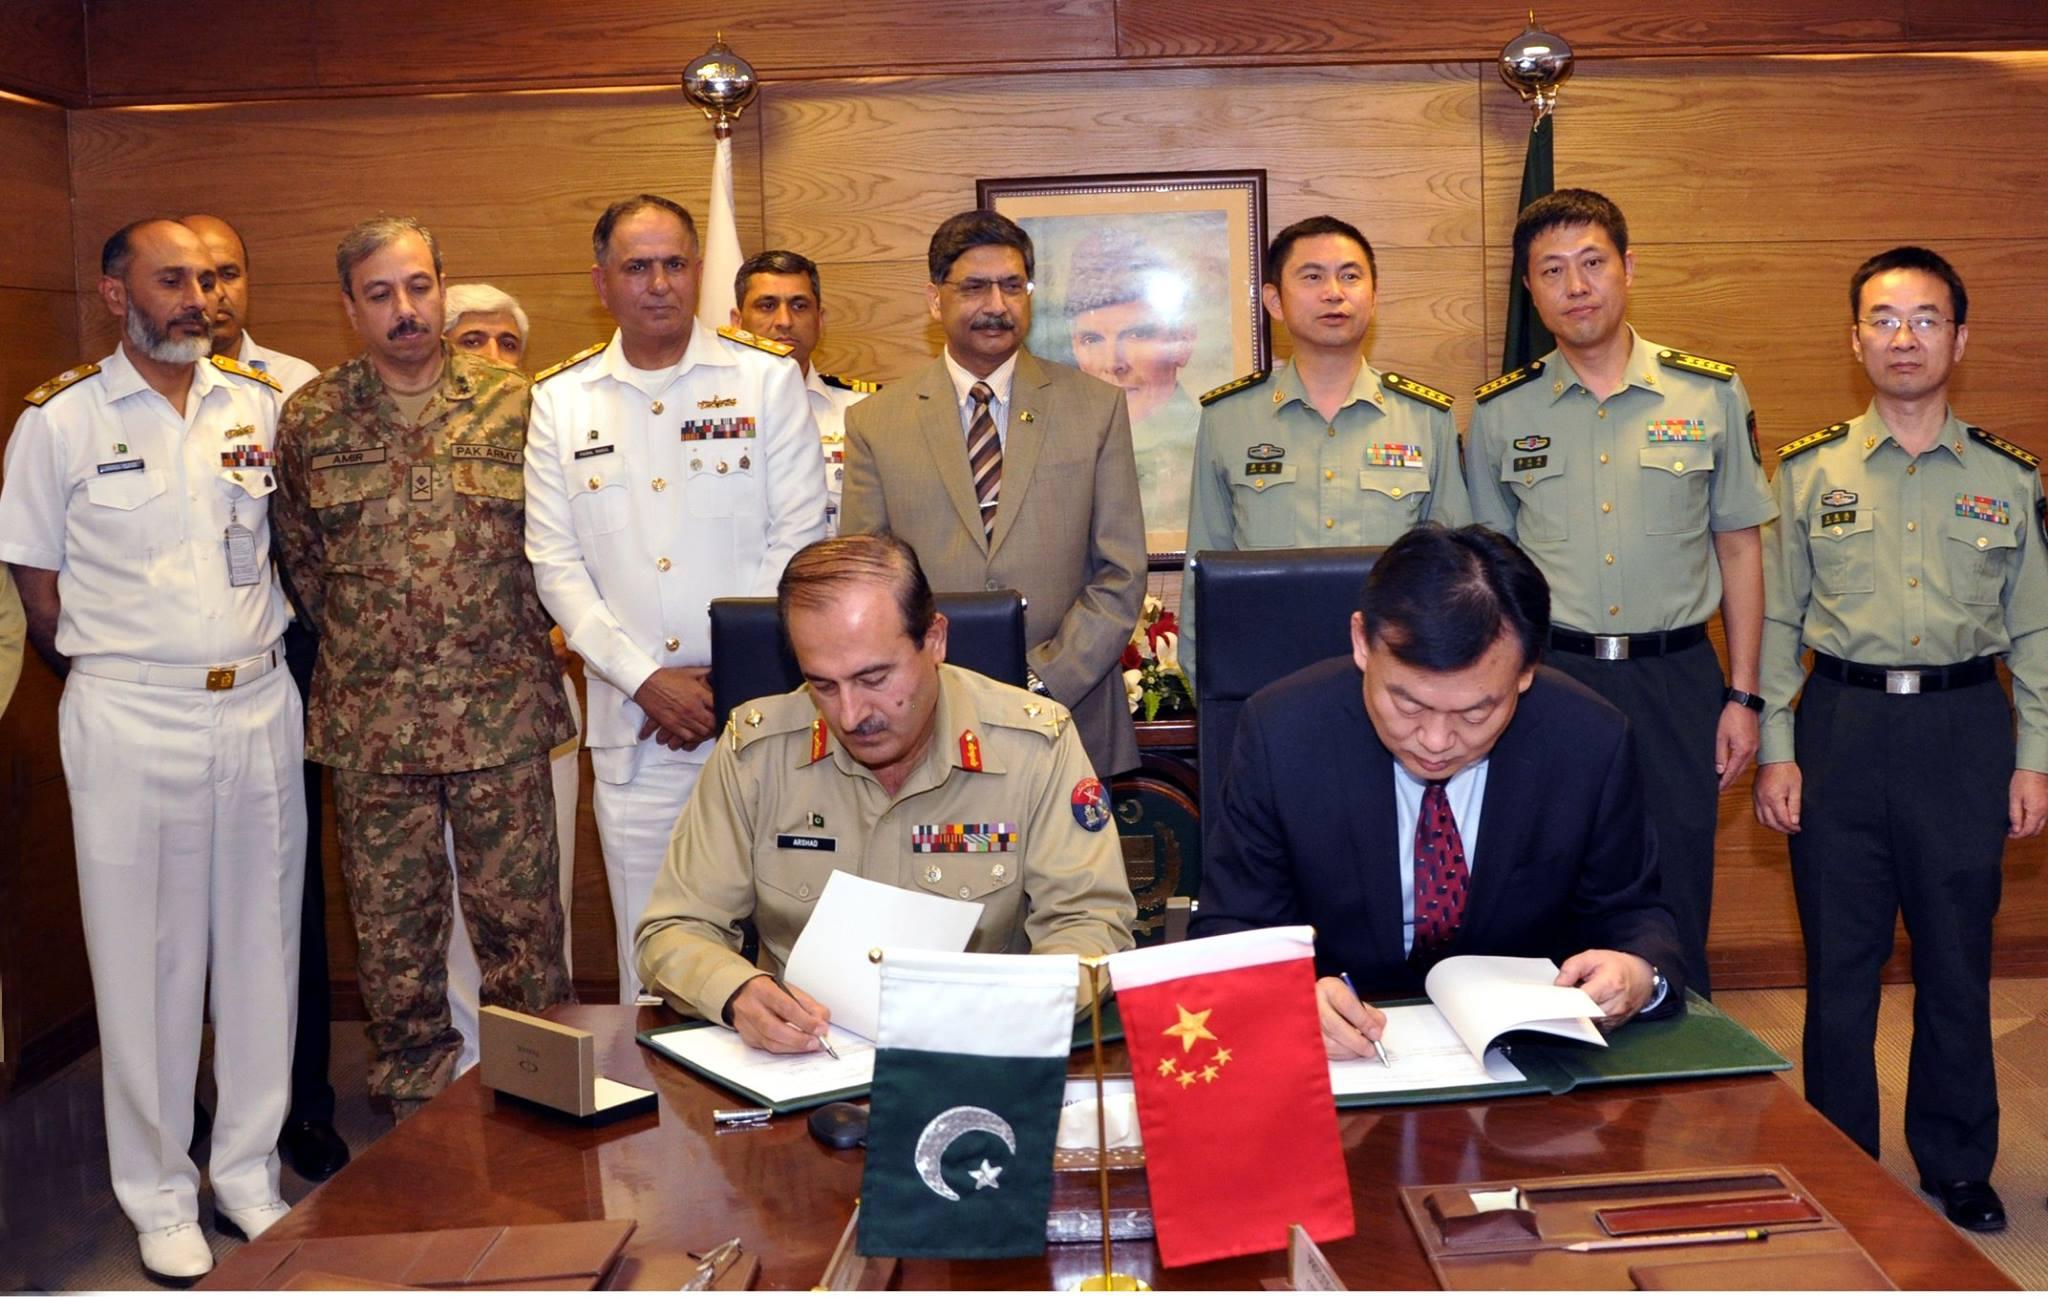 Пакистан законтрактовал еще два китайских фрегата проекта 054А проекта, Пакистана, Shipbuilding, фрегатов, фрегата, четыре, China, пакистанского, состав, контракт, китайского, корпорации, постройку, Company, флота, кораблей, верфи, контракта, времени, должны